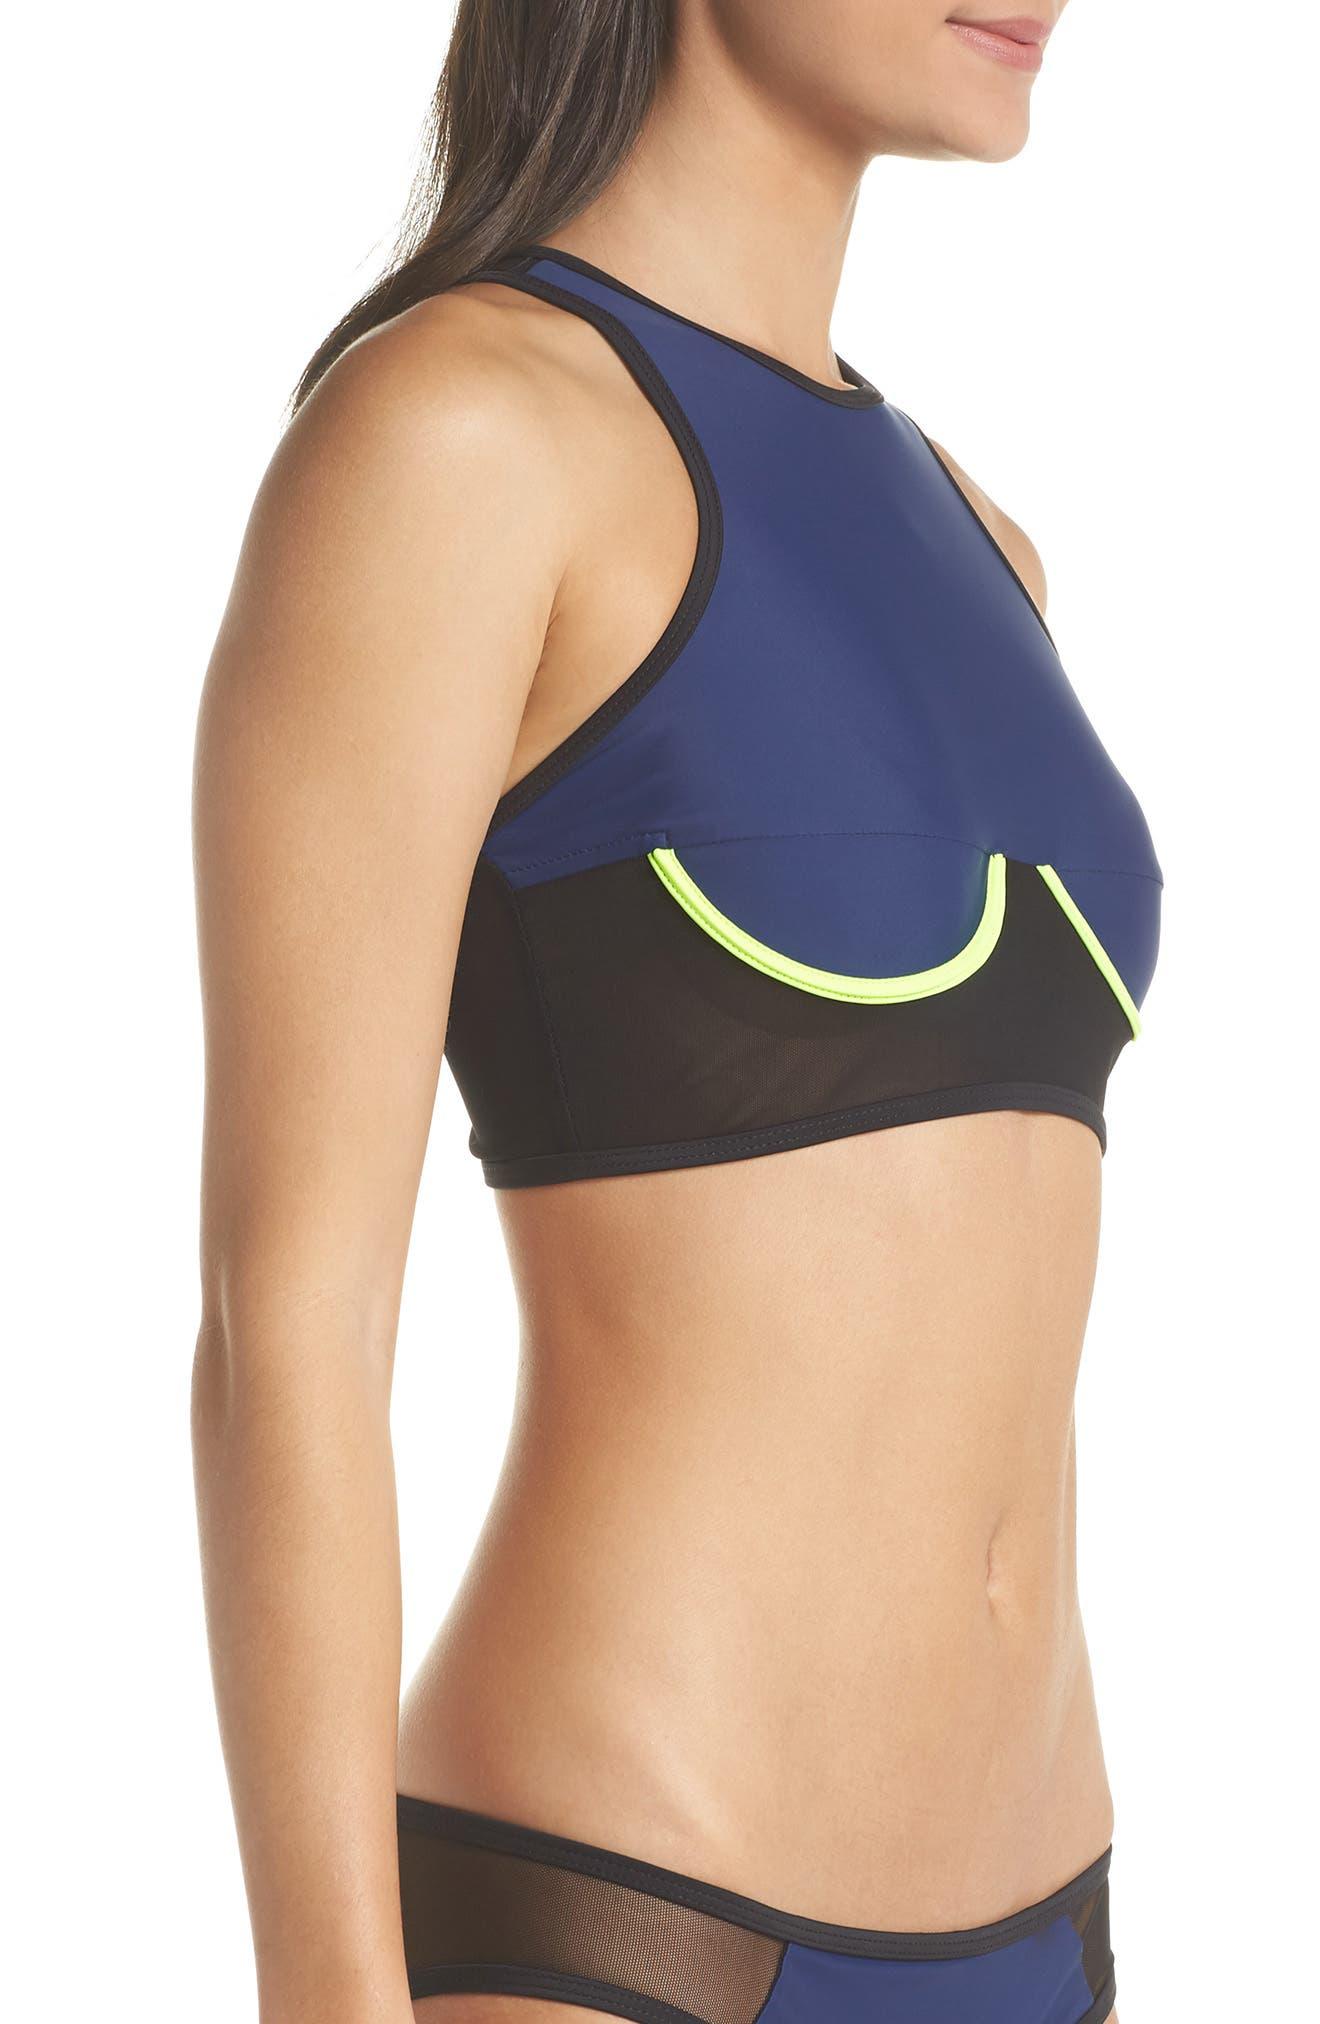 Racer Bikini Top,                             Alternate thumbnail 3, color,                             Blue/ Black/ Yellow